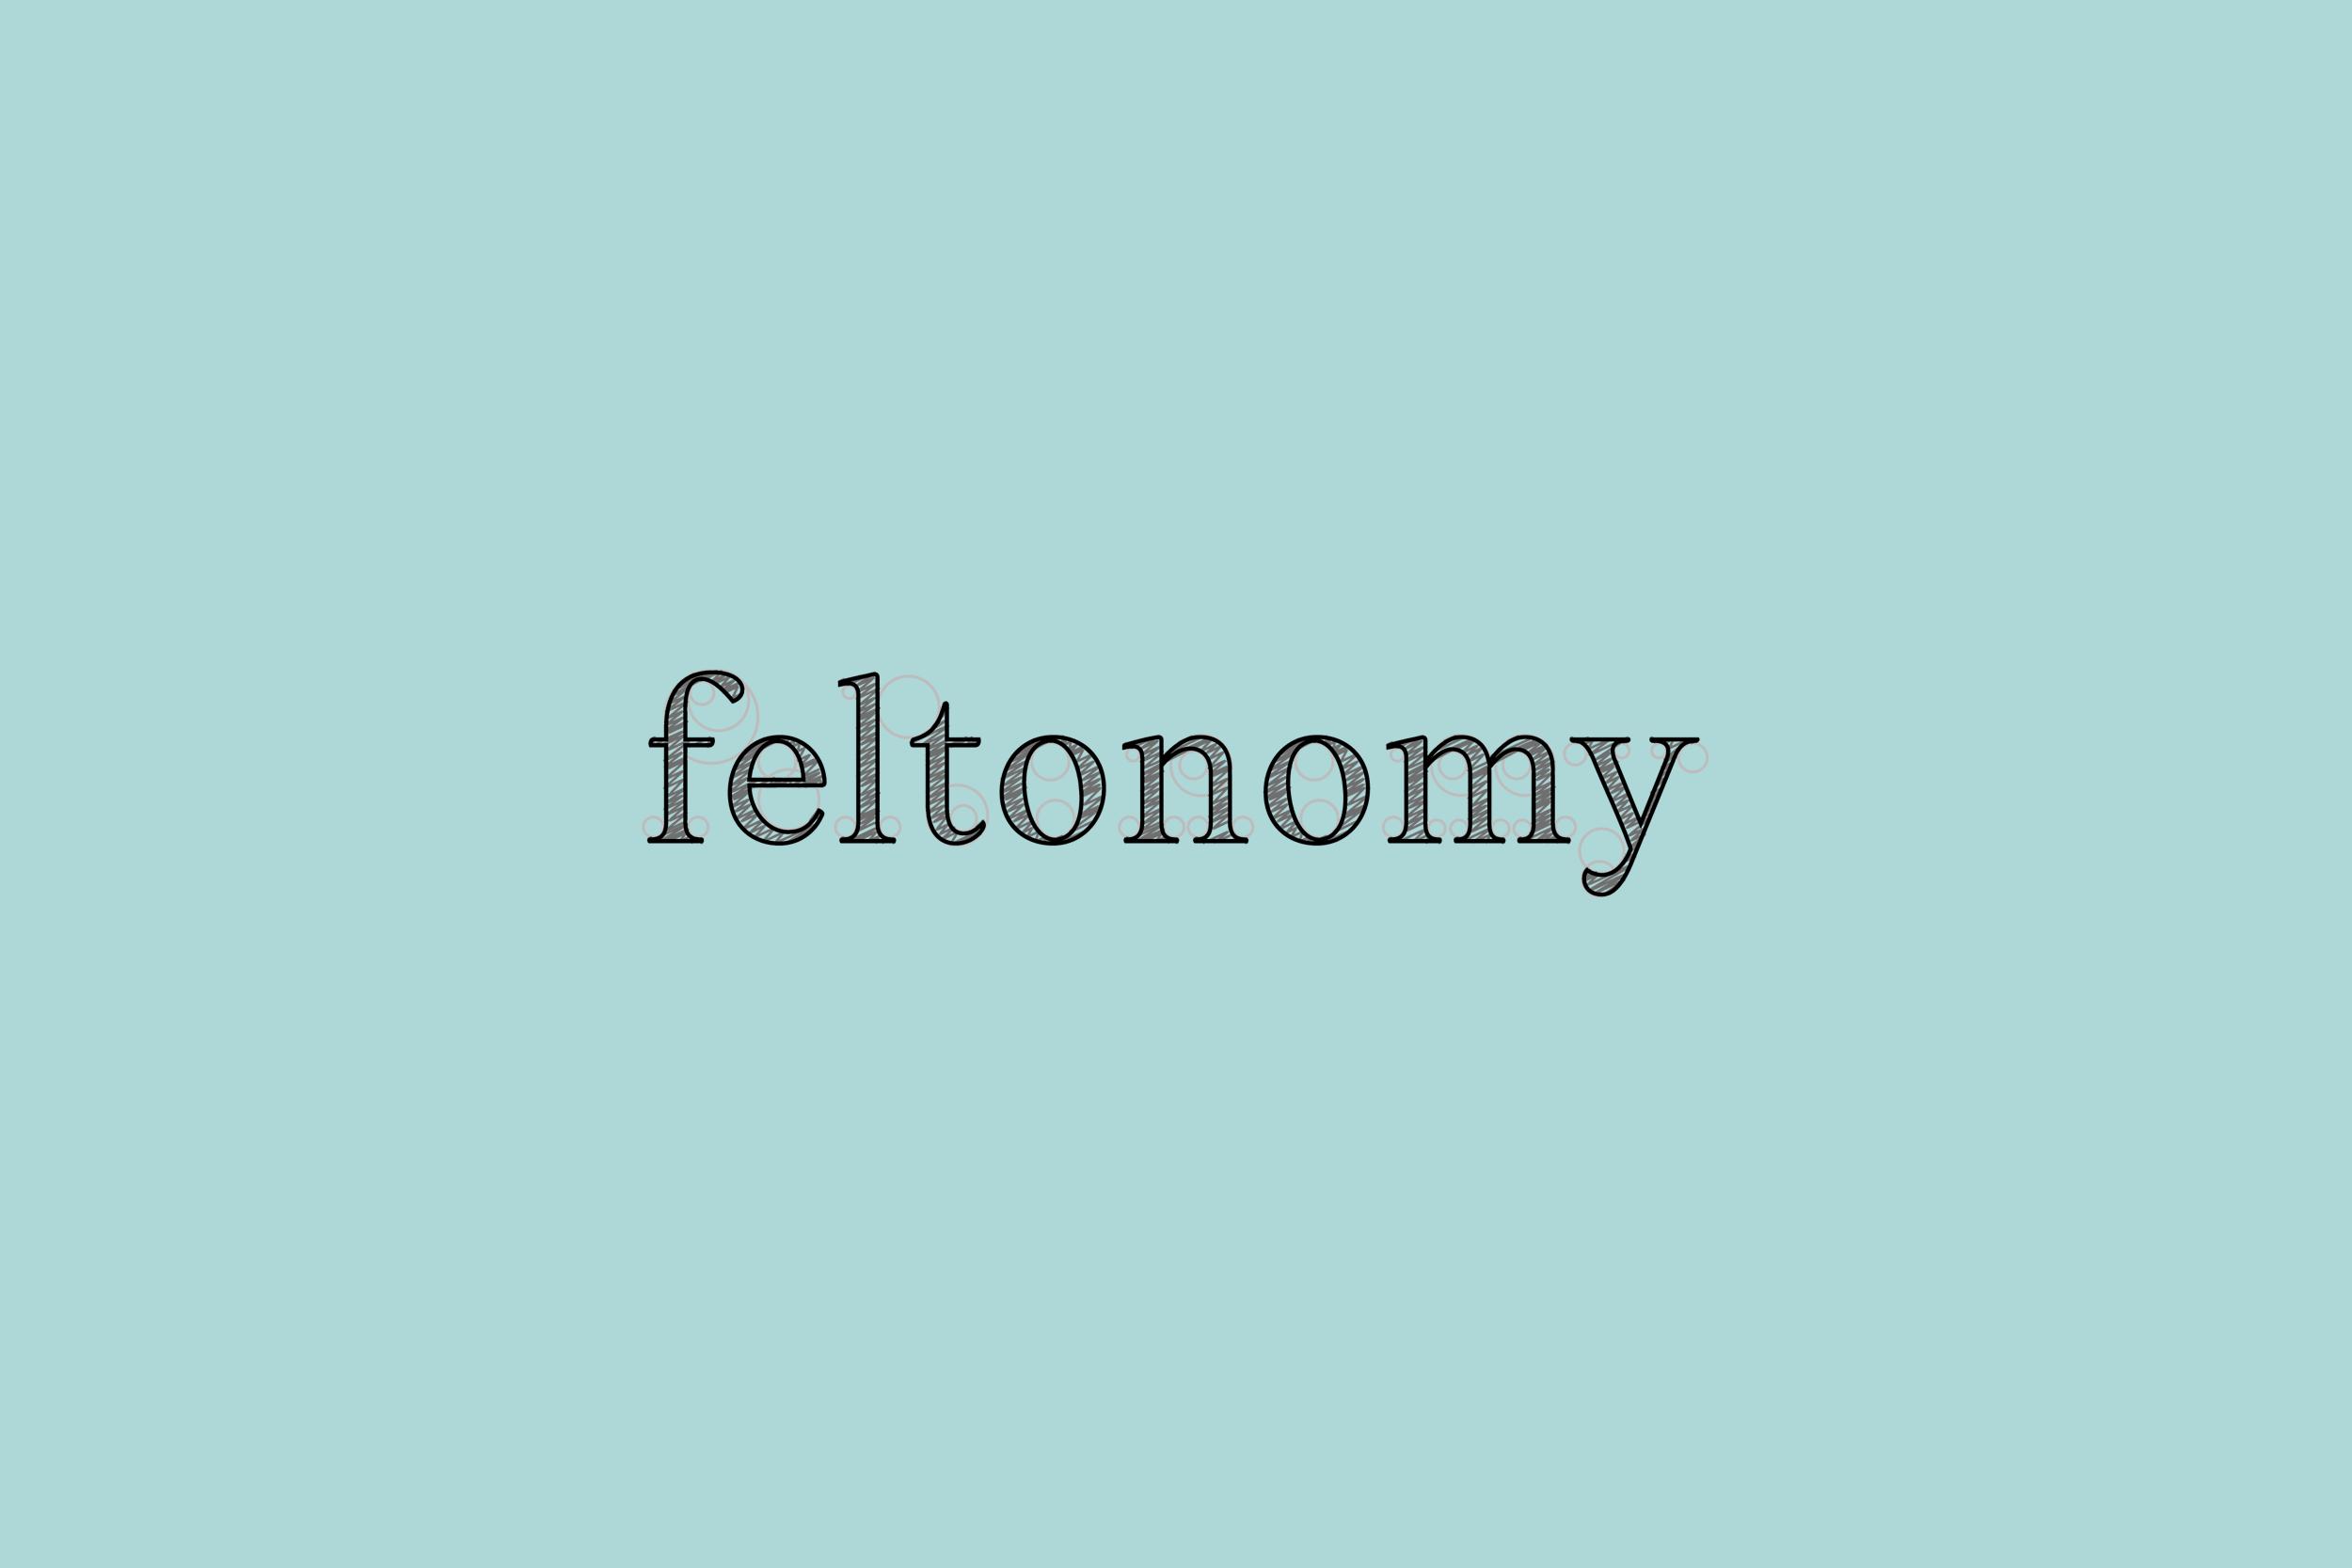 feltonomy_mint